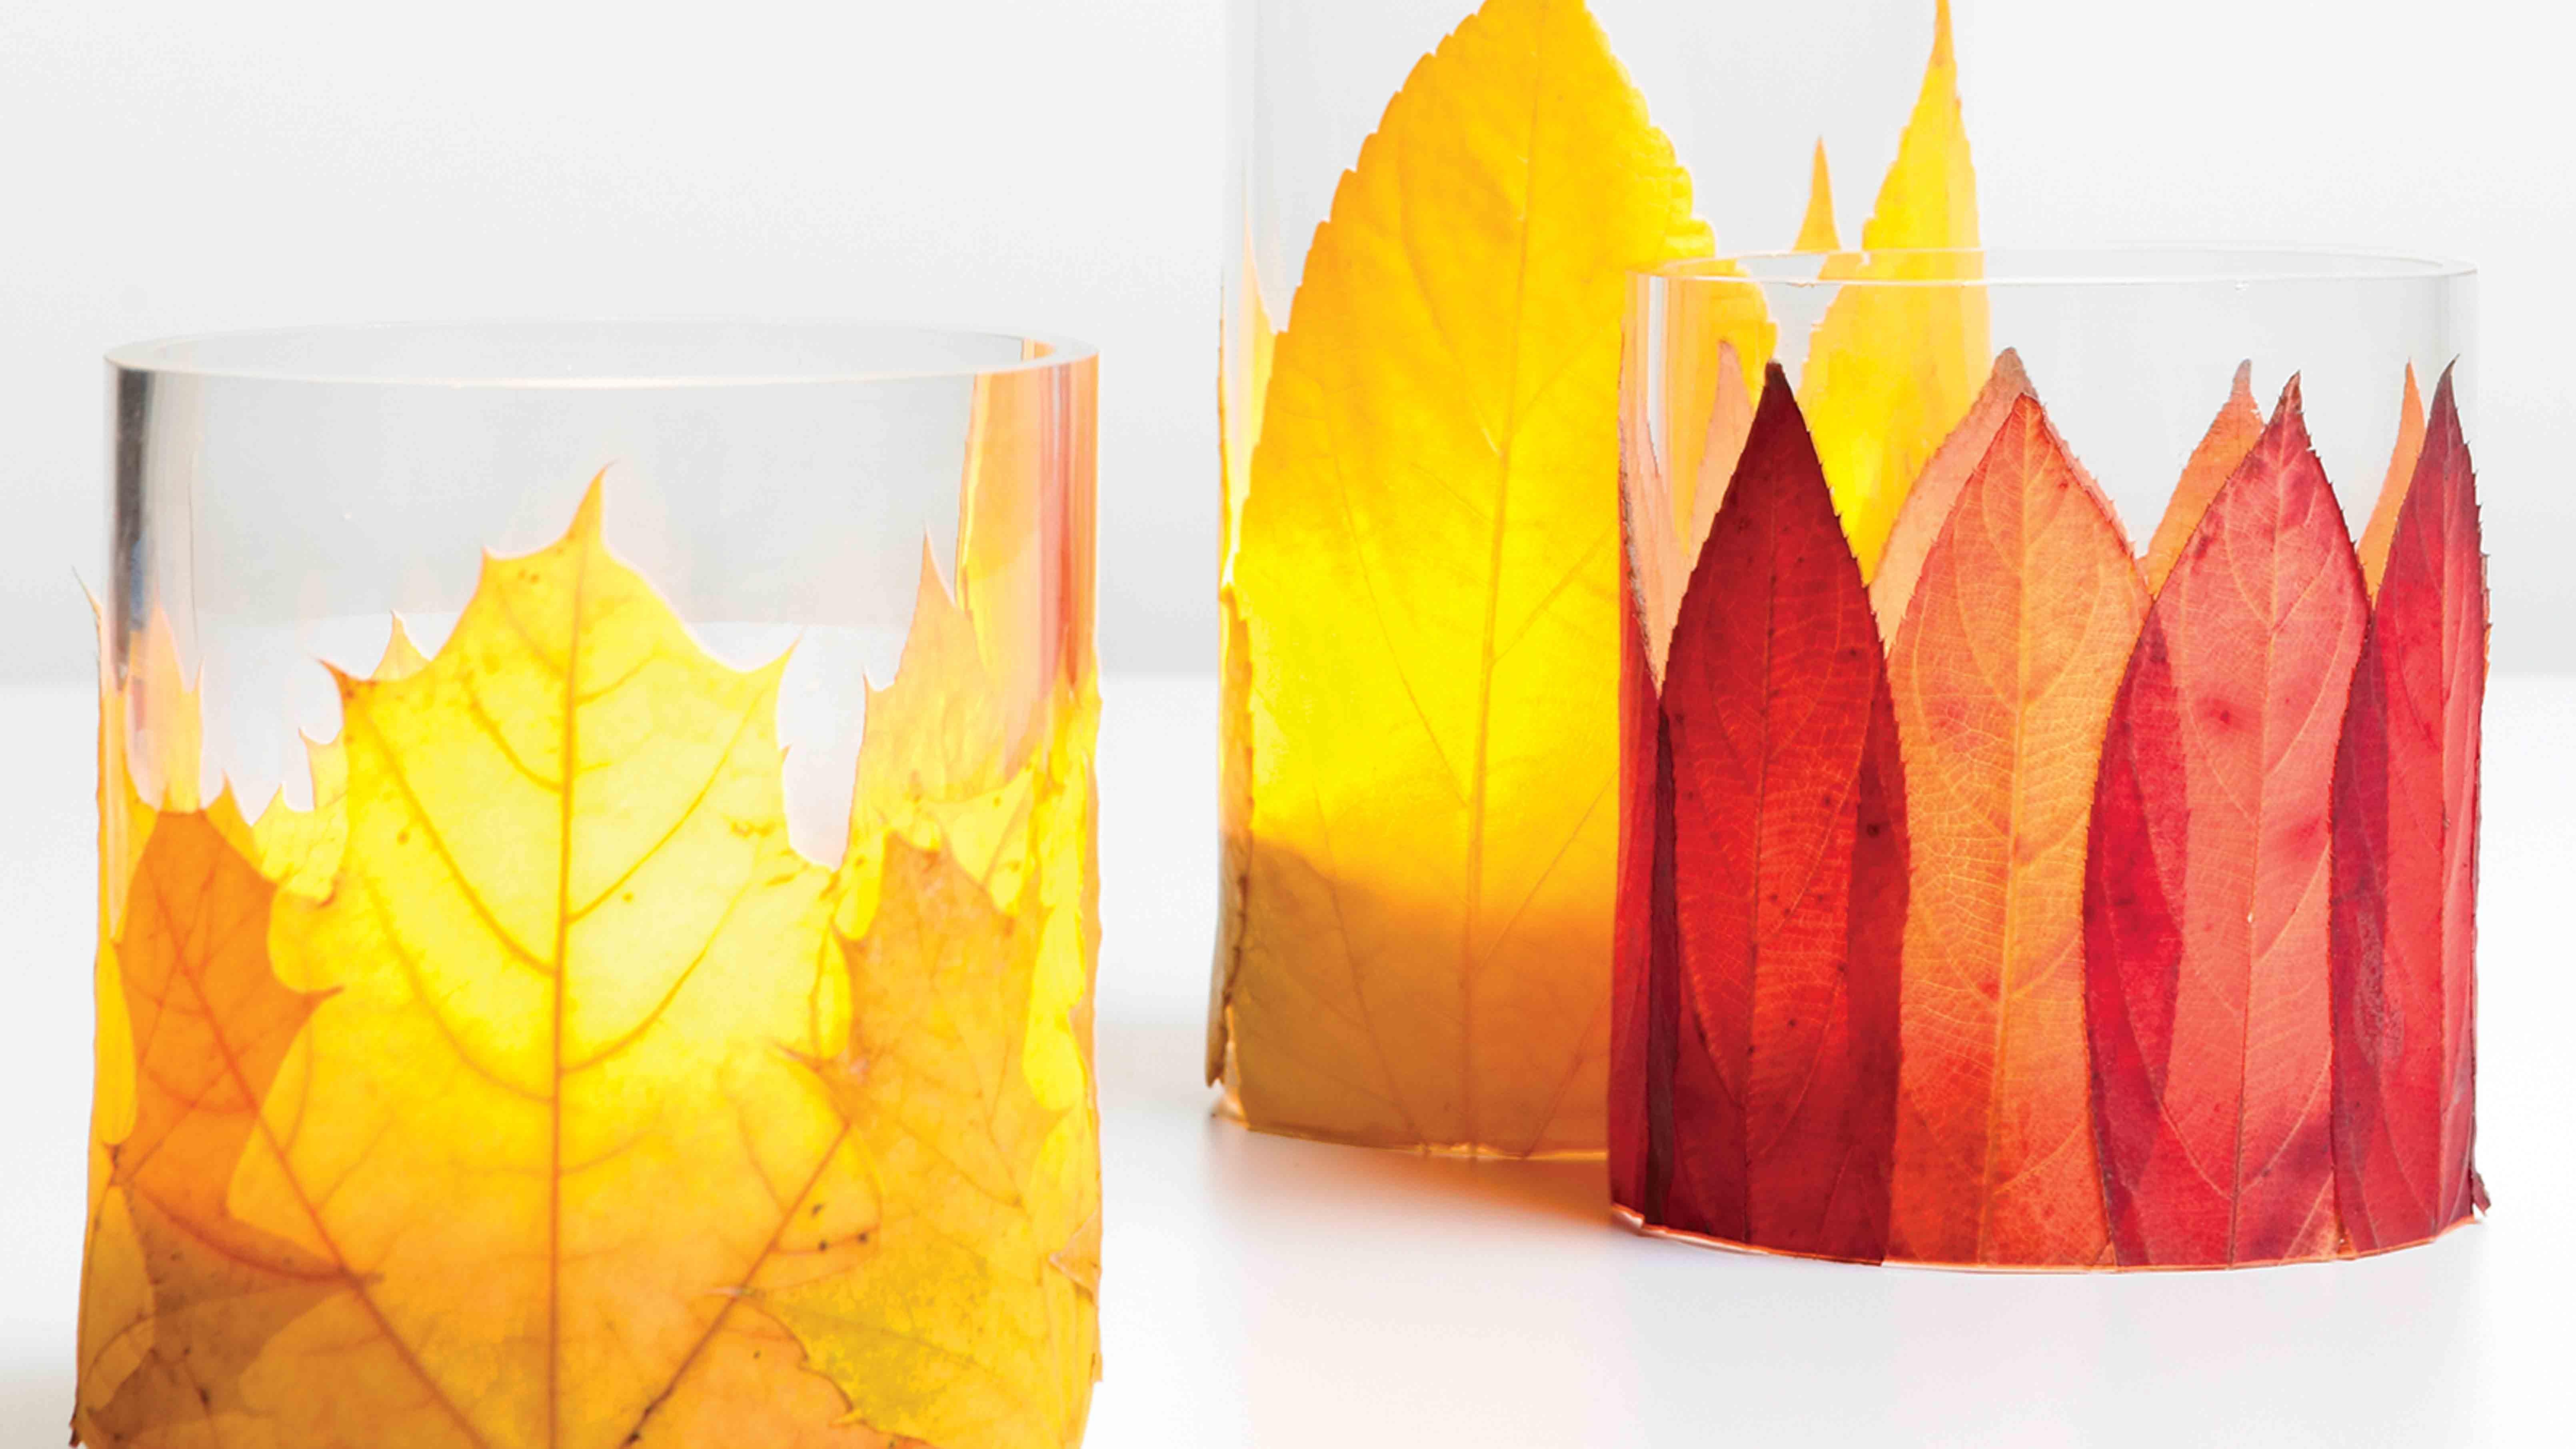 Tres Consejos útiles para sacar el máximo partido de las velas de Acción de Gracias   -   Three Useful Tips to get the Most out of Thanksgiving Candles